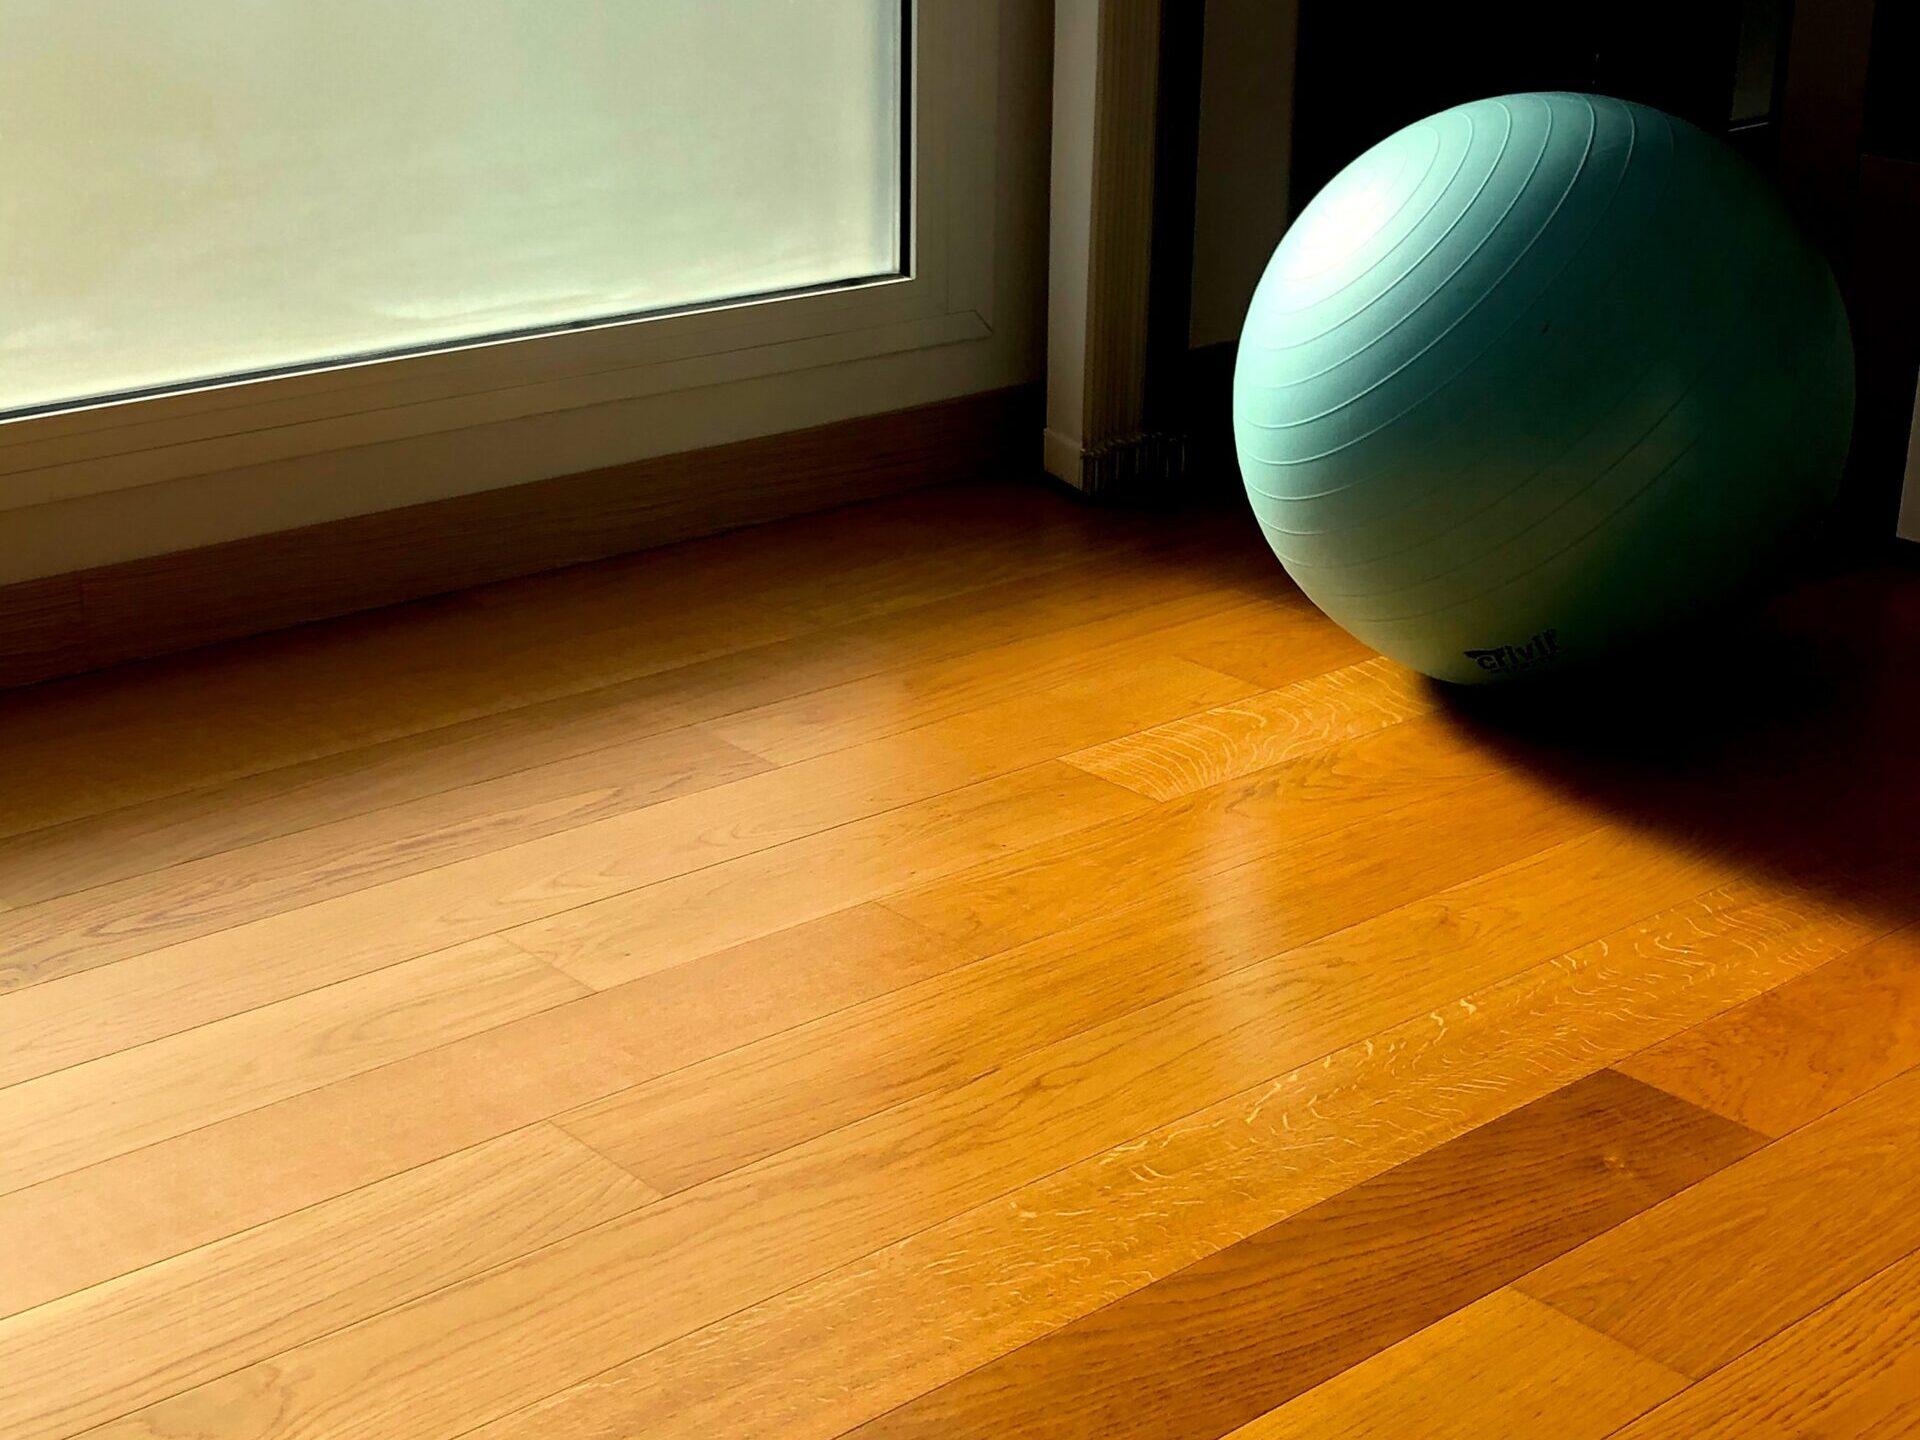 podlaha dřevěná